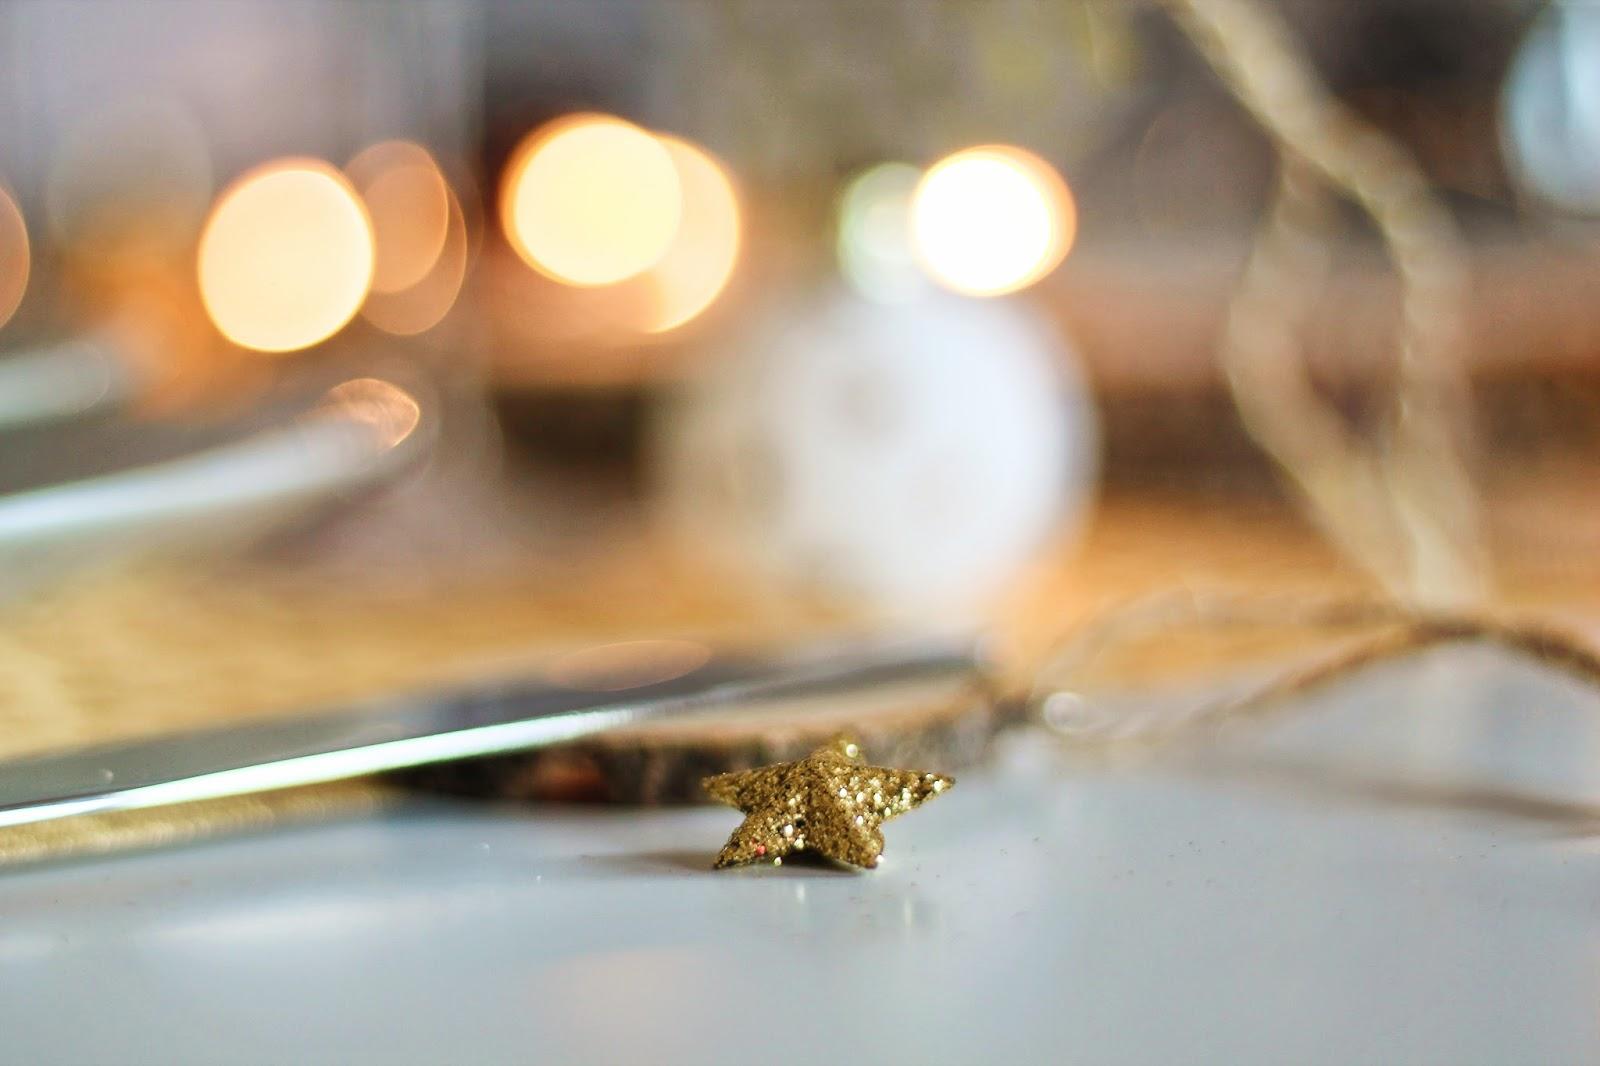 zodio kavehome kave home table noel noël fêtes fetes christmas xmas manger famille family time bois wood maker pomme de pin hérisson vaisselle pois doré guirlande concours giveaway chaise scandinave roomtour appart tour réveillon idée décoration déco cadeau vaisselle